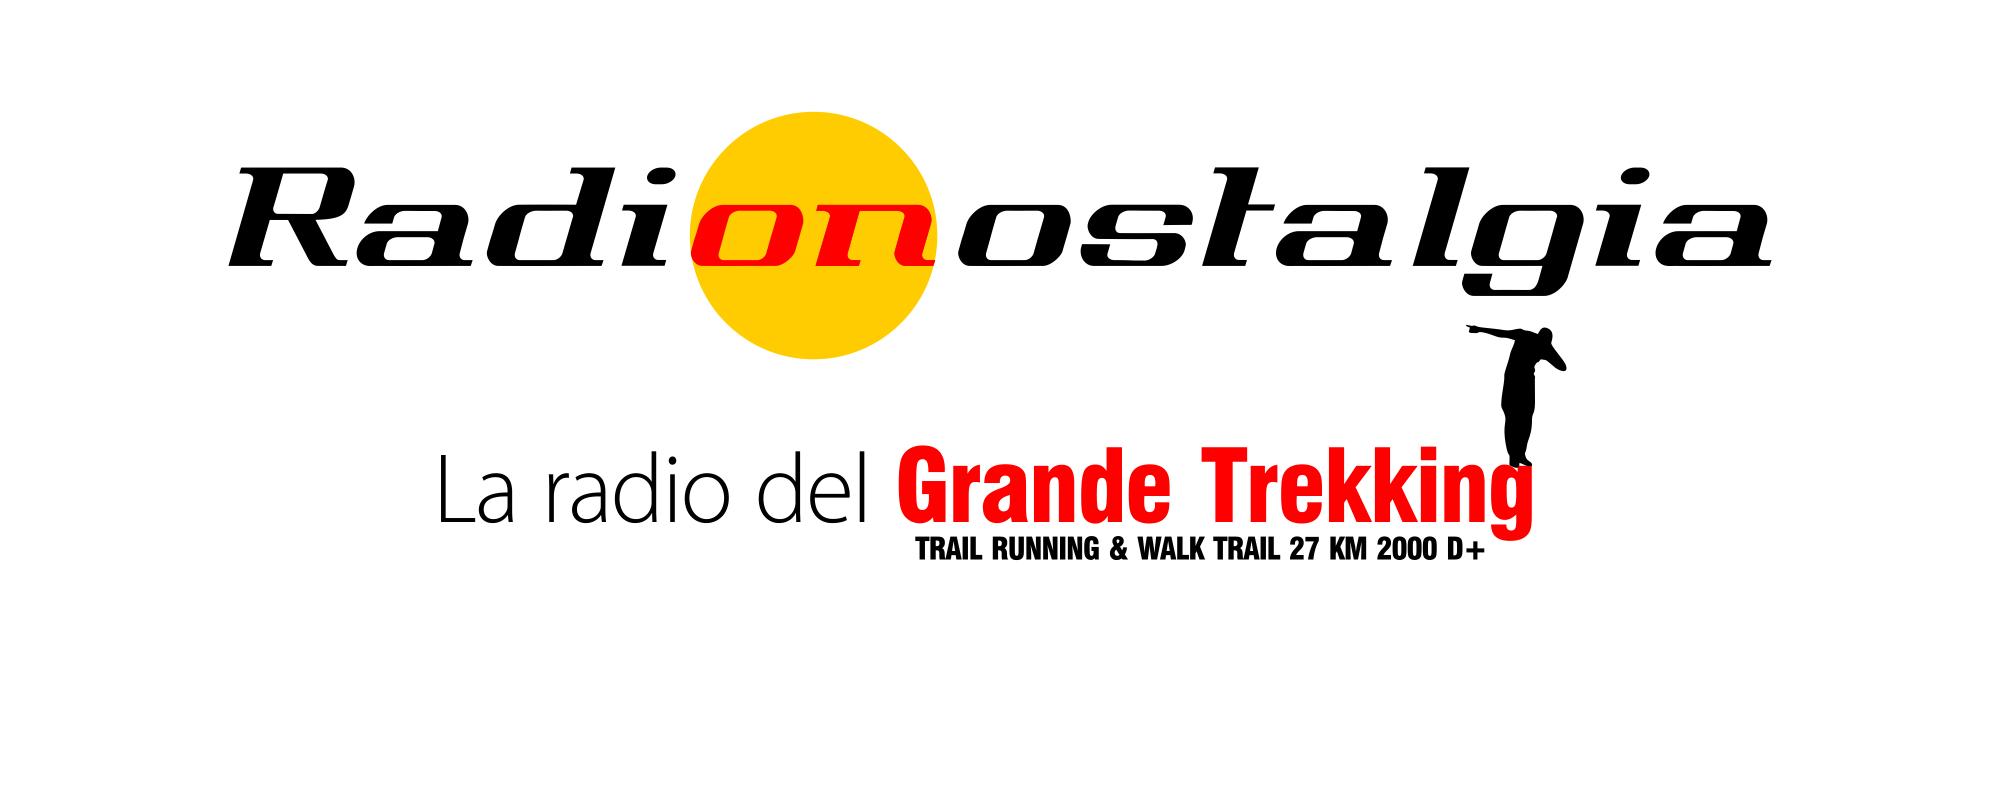 Il 7 Maggio anche Radio Nostalgia alla Grande Trekking  aradionostalgia3